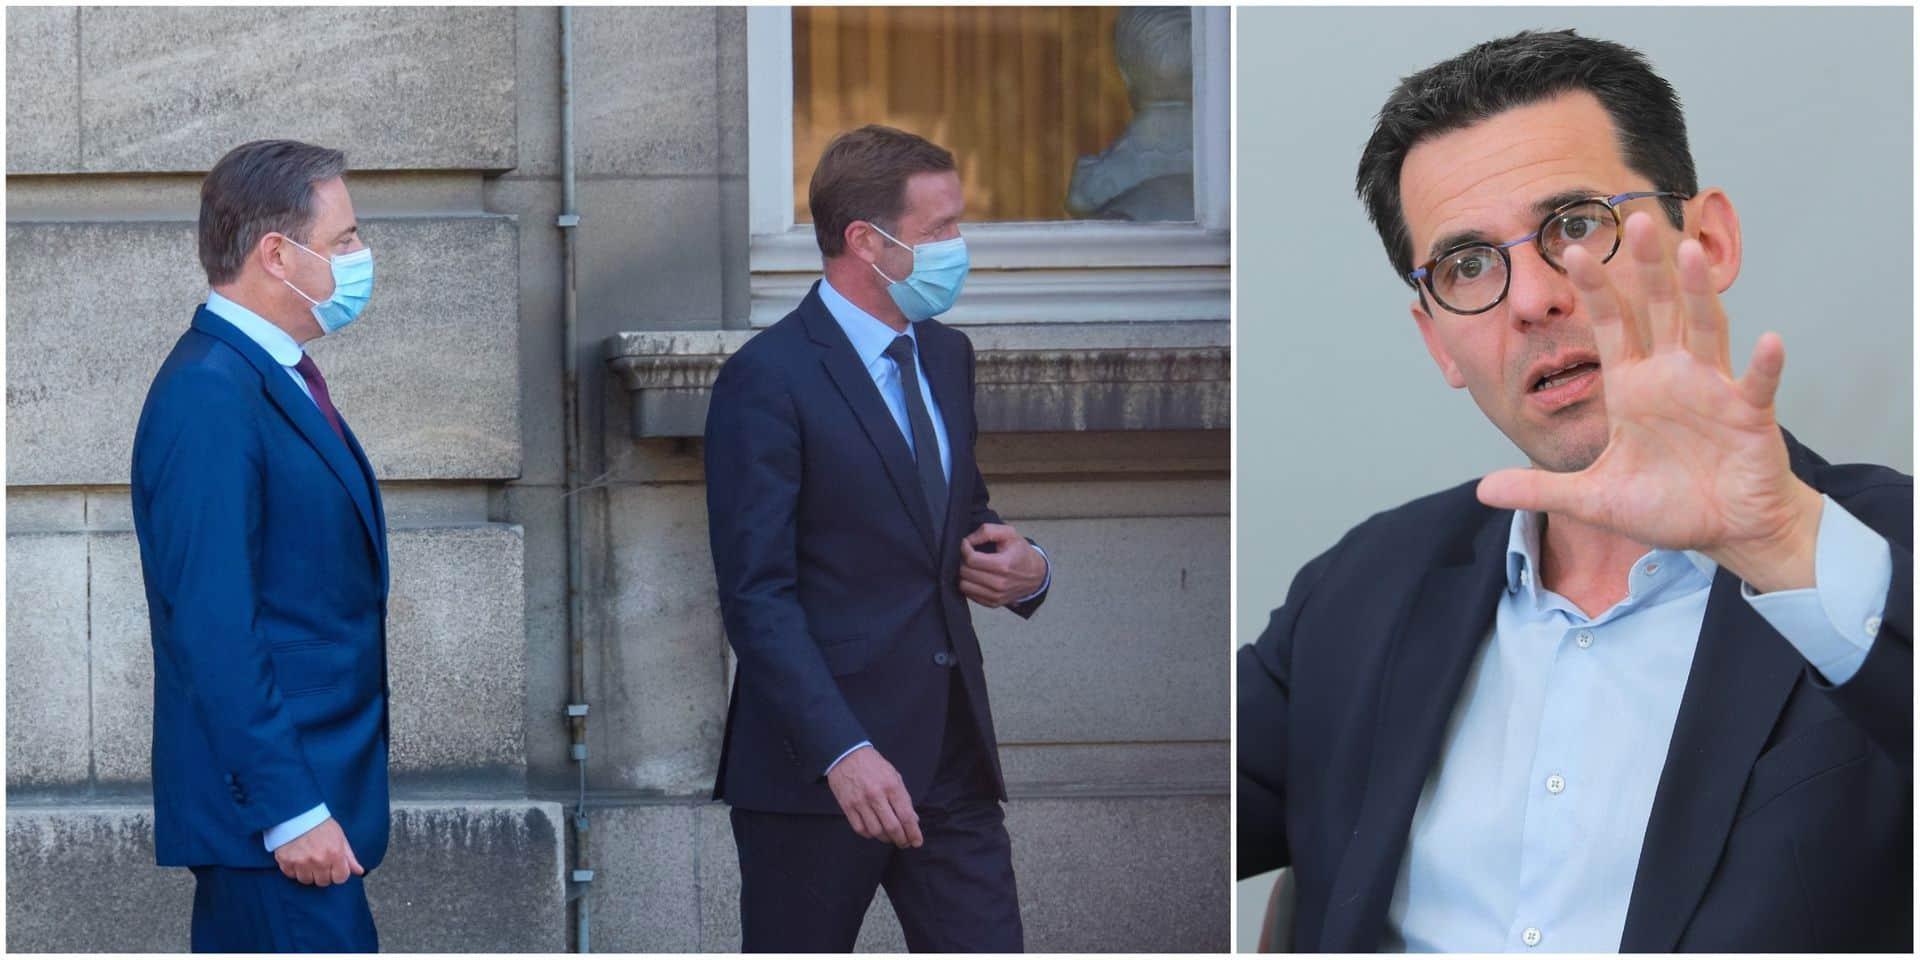 """""""On voit bien l'entonnoir dans lequel la N-VA veut nous emmener"""": Jean-Marc Nollet s'explique après sa rencontre avec le duo Magnette - De Wever"""